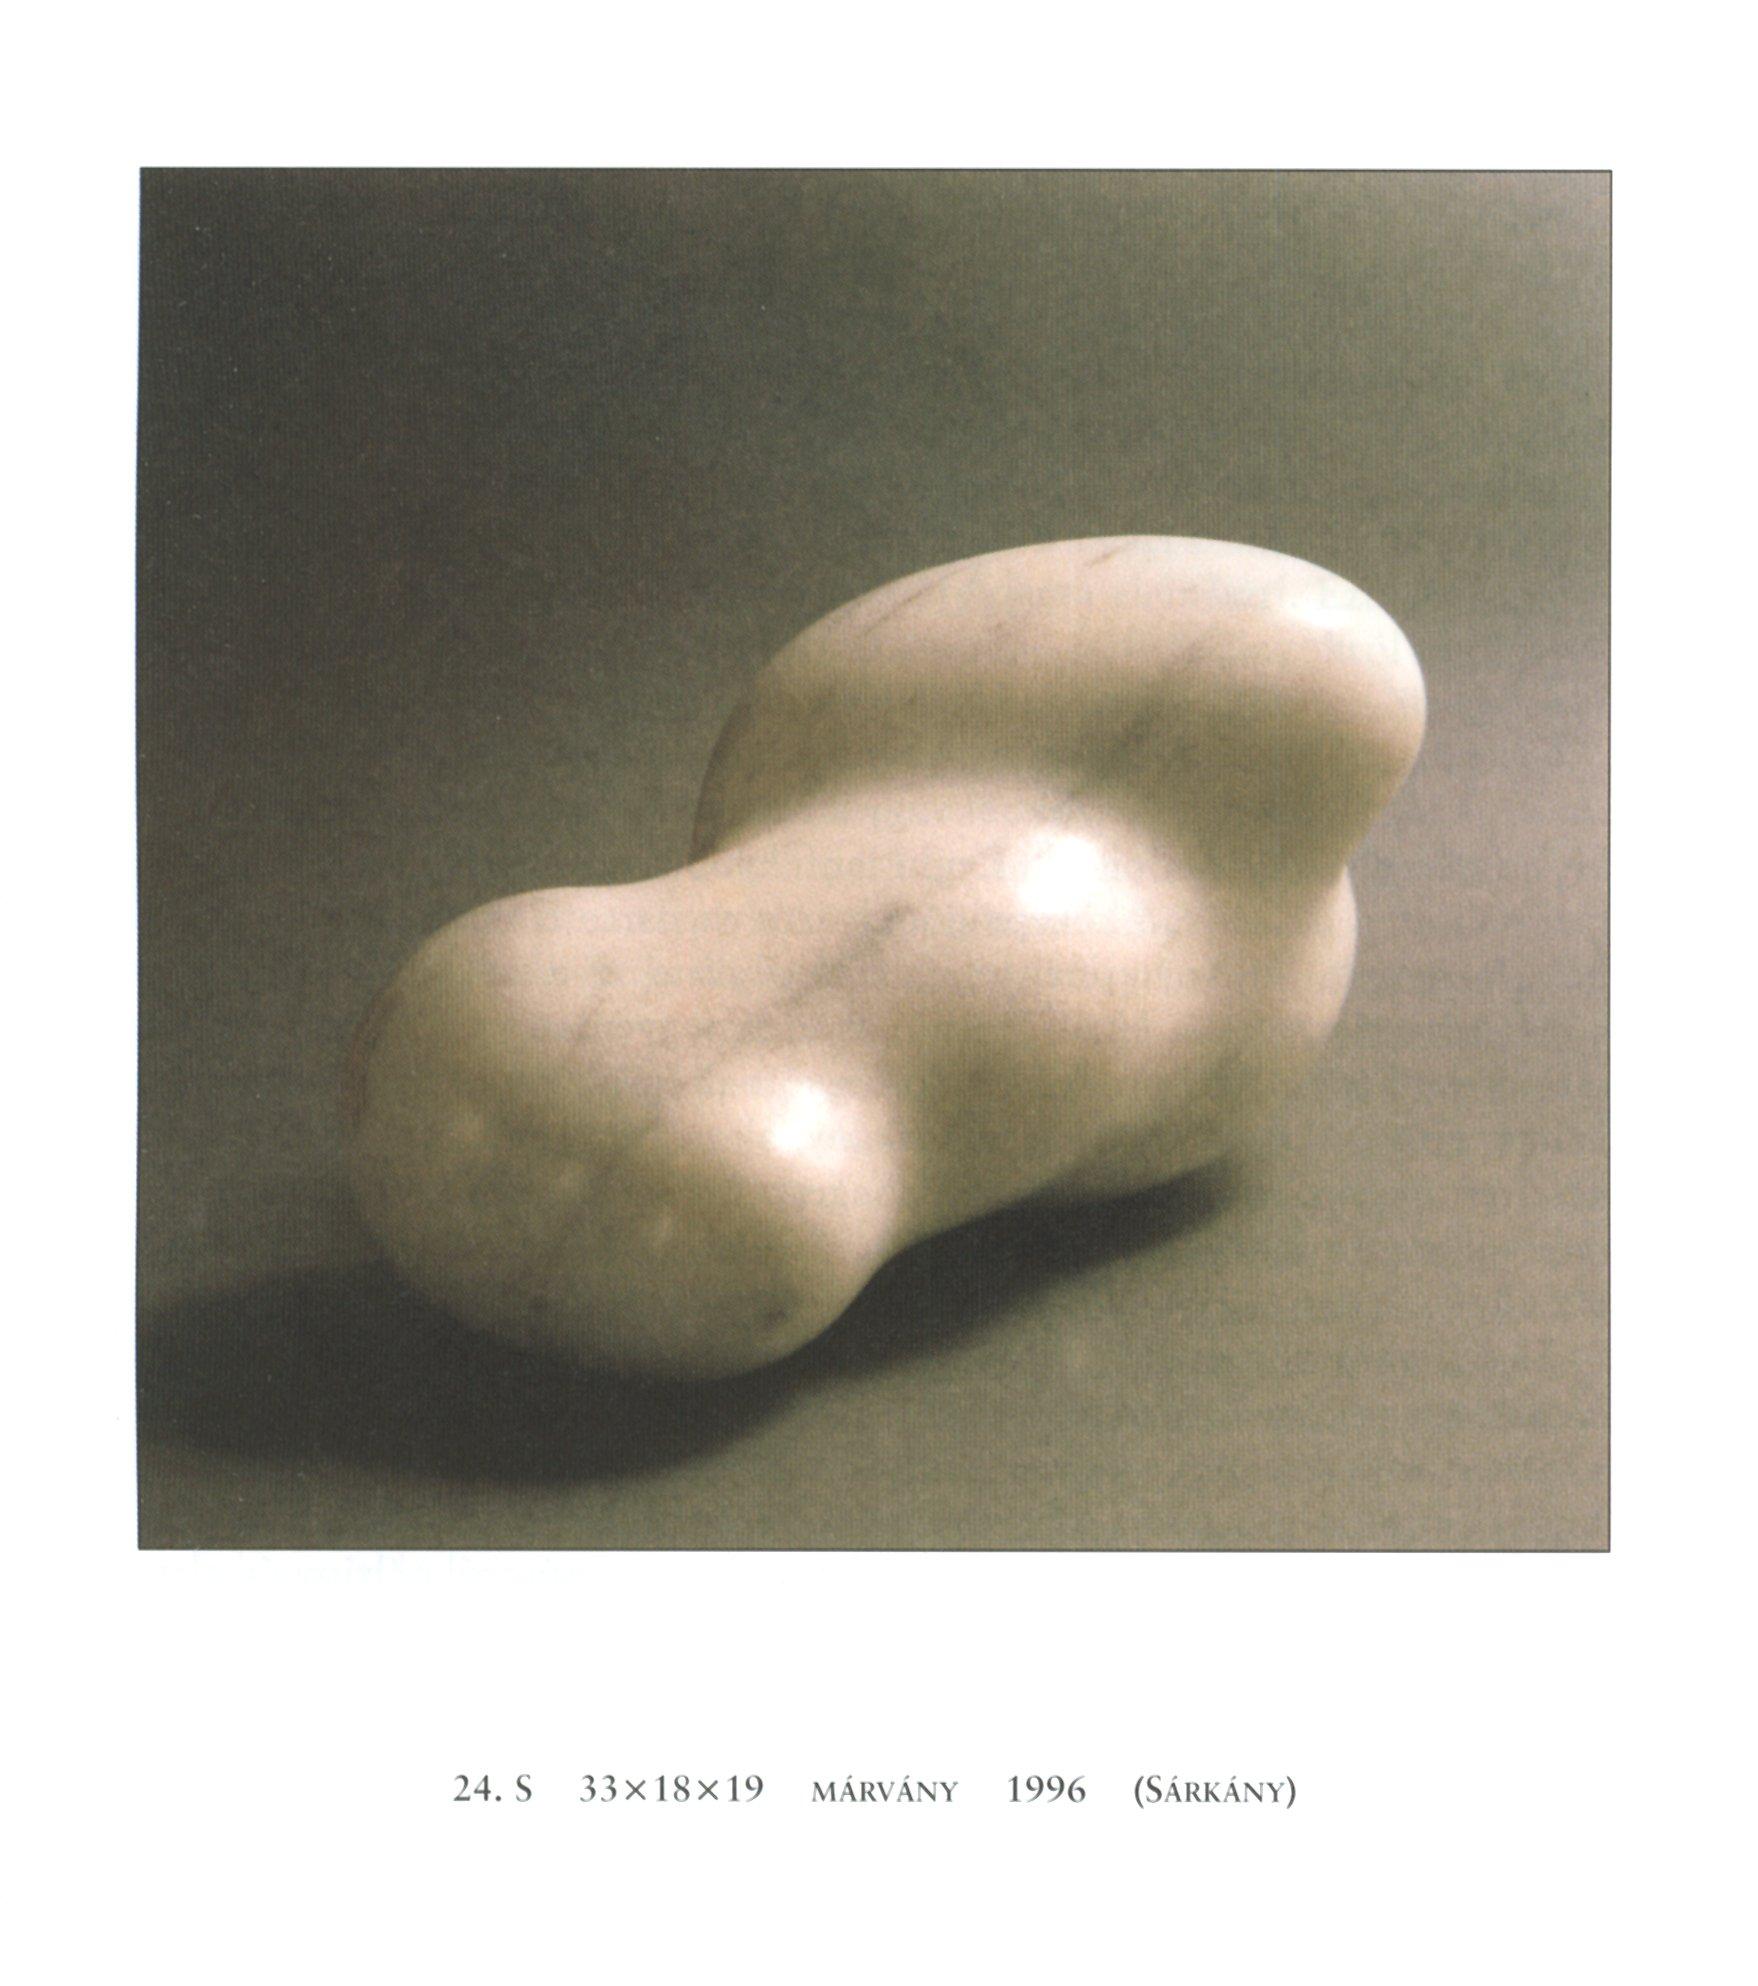 Képzeletbeli lények könyve - Book of Imaginary Beings - magneses-ekszer.hu